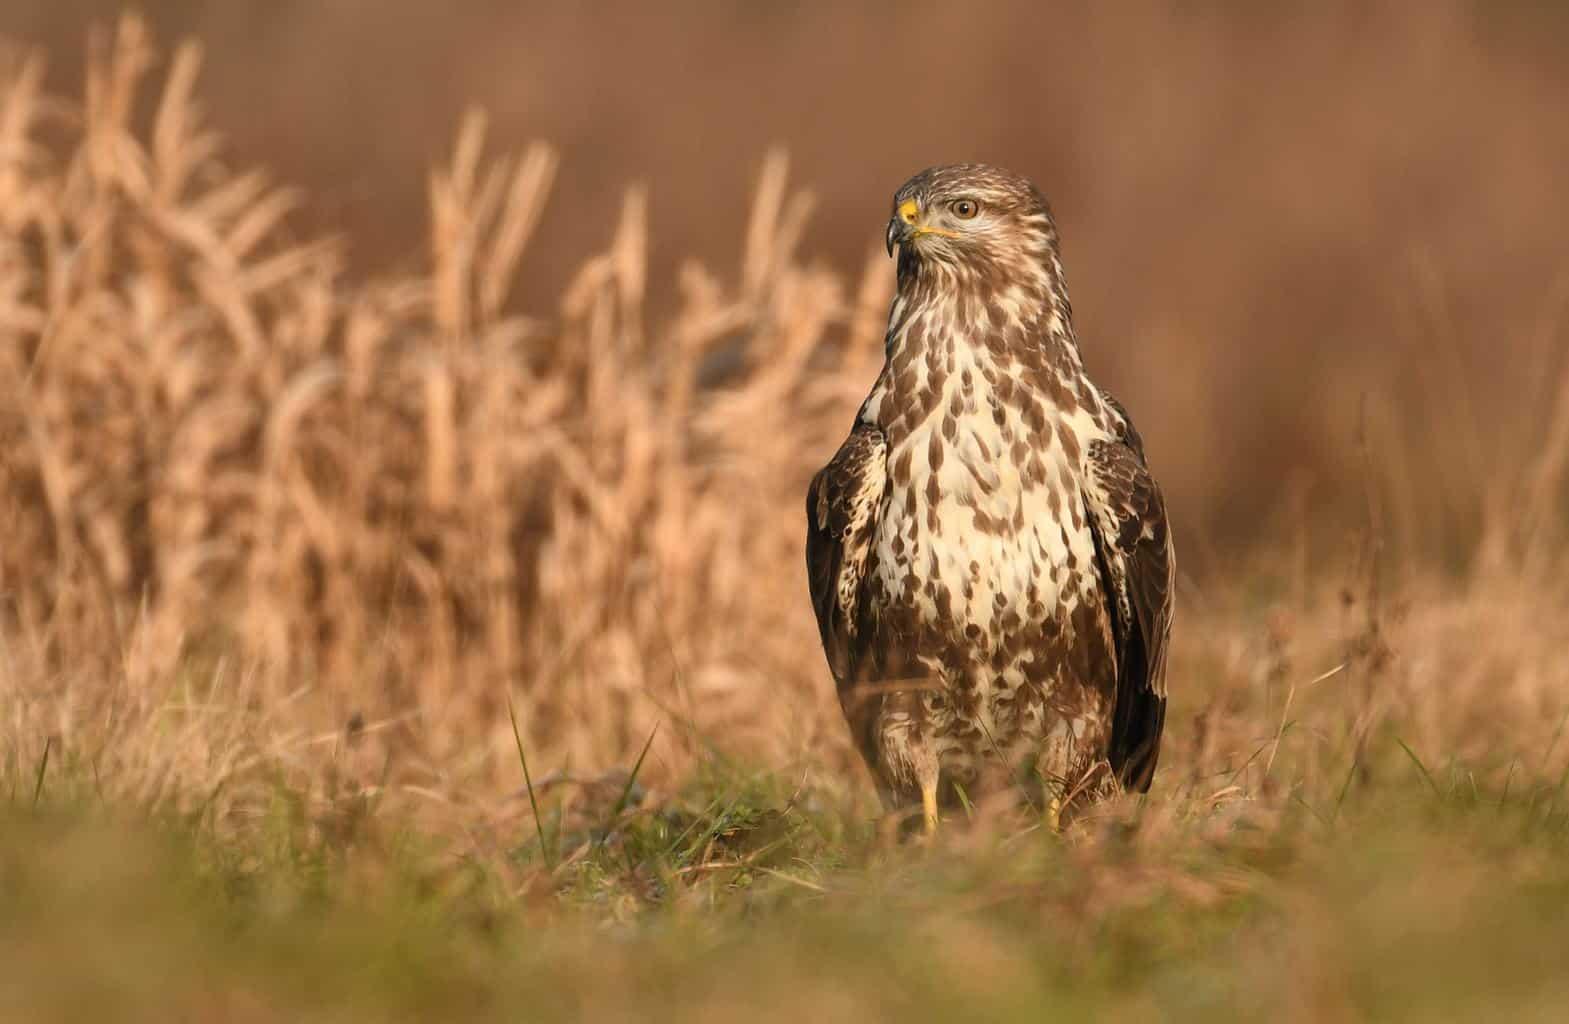 Hawks in Illinois